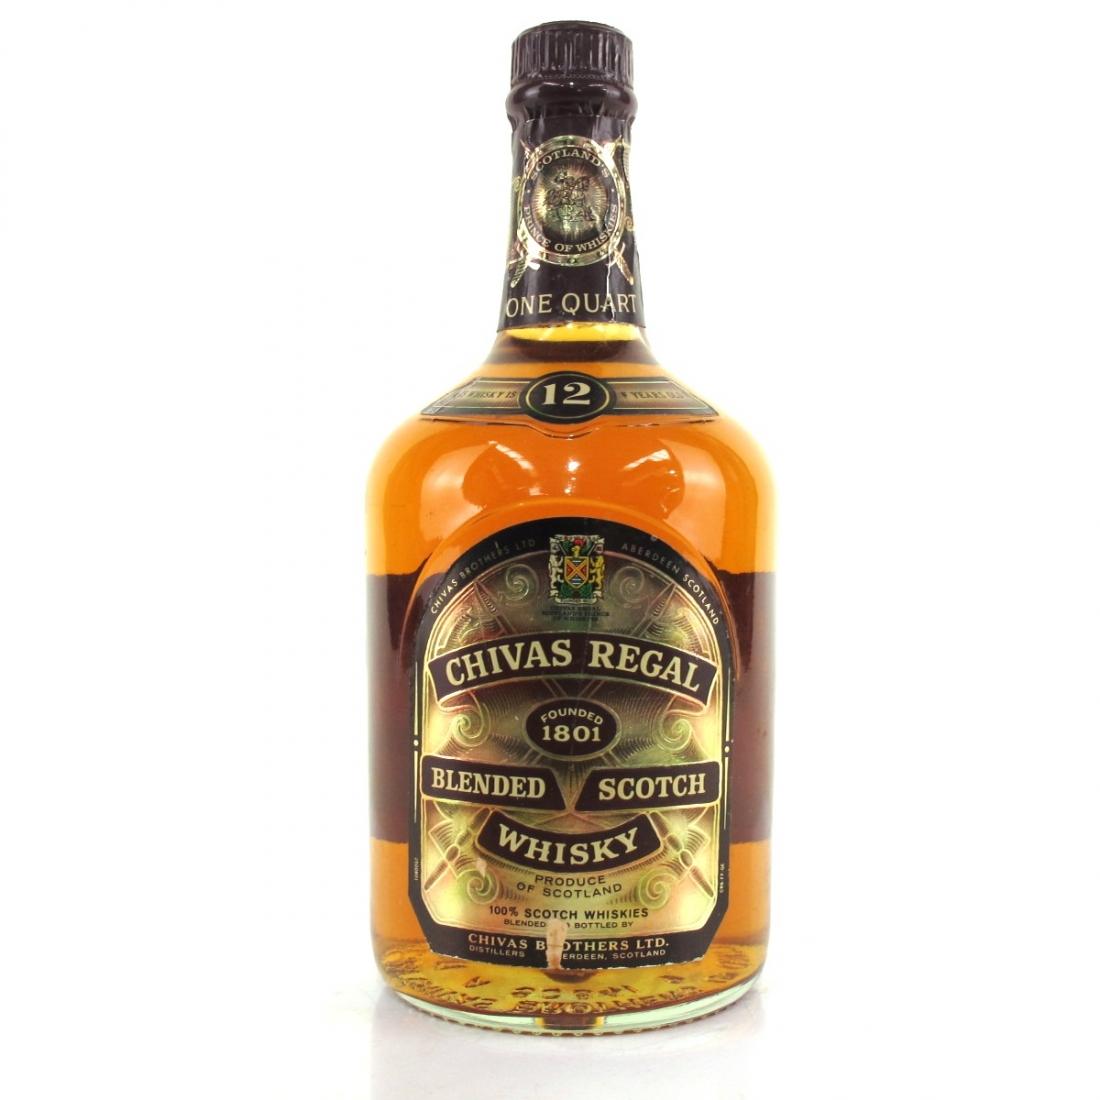 Chivas Regal 12 Year Old 1 Quart / US Import